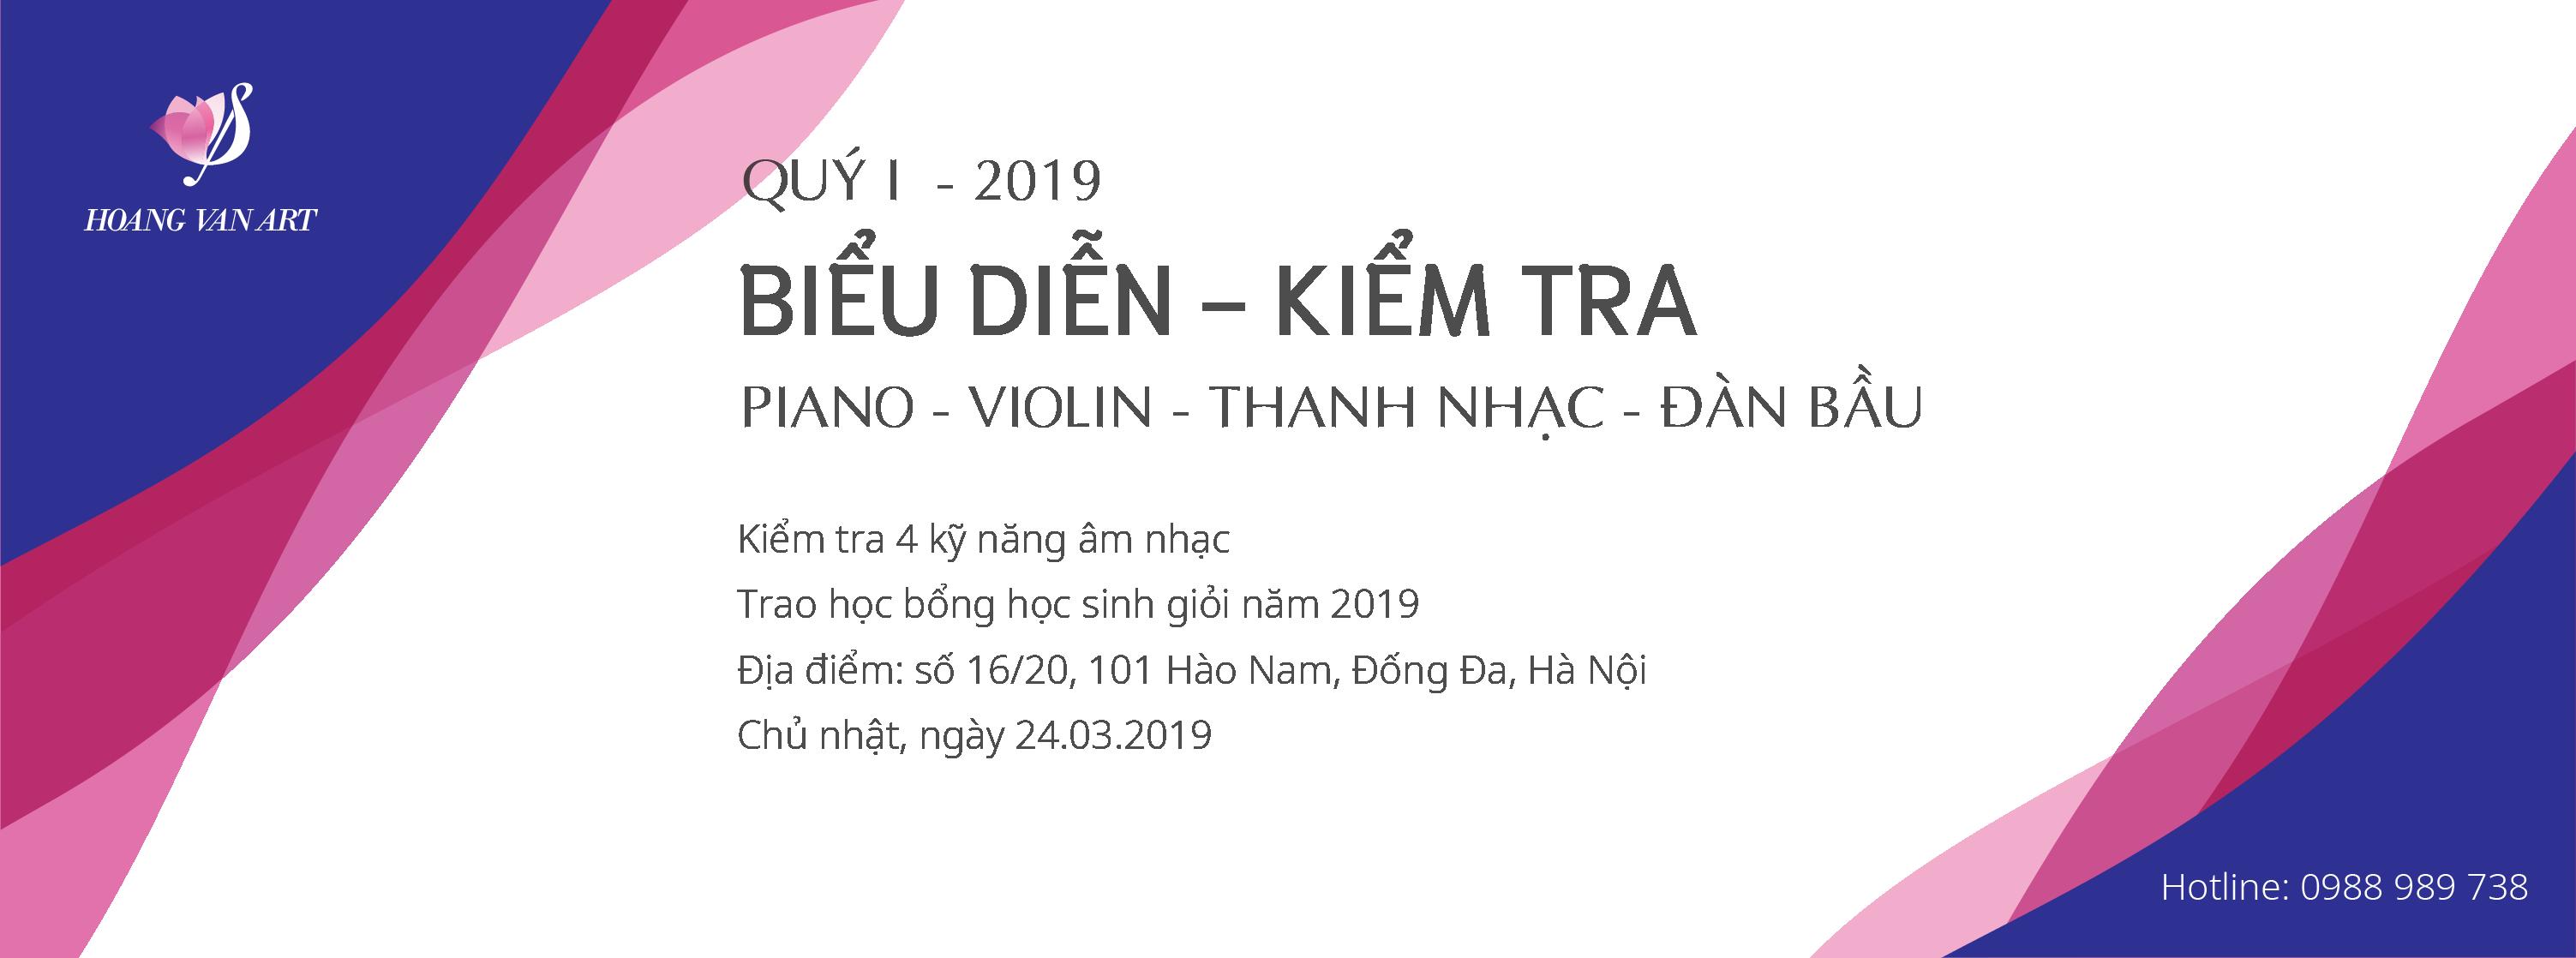 HoangVanArt - Kiểm tra biểu diễn quý 1 năm 2019. Trao học bổng, đánh giá 4 kỹ năng âm nhạc. Chủ nhật ngày 24/03/2019